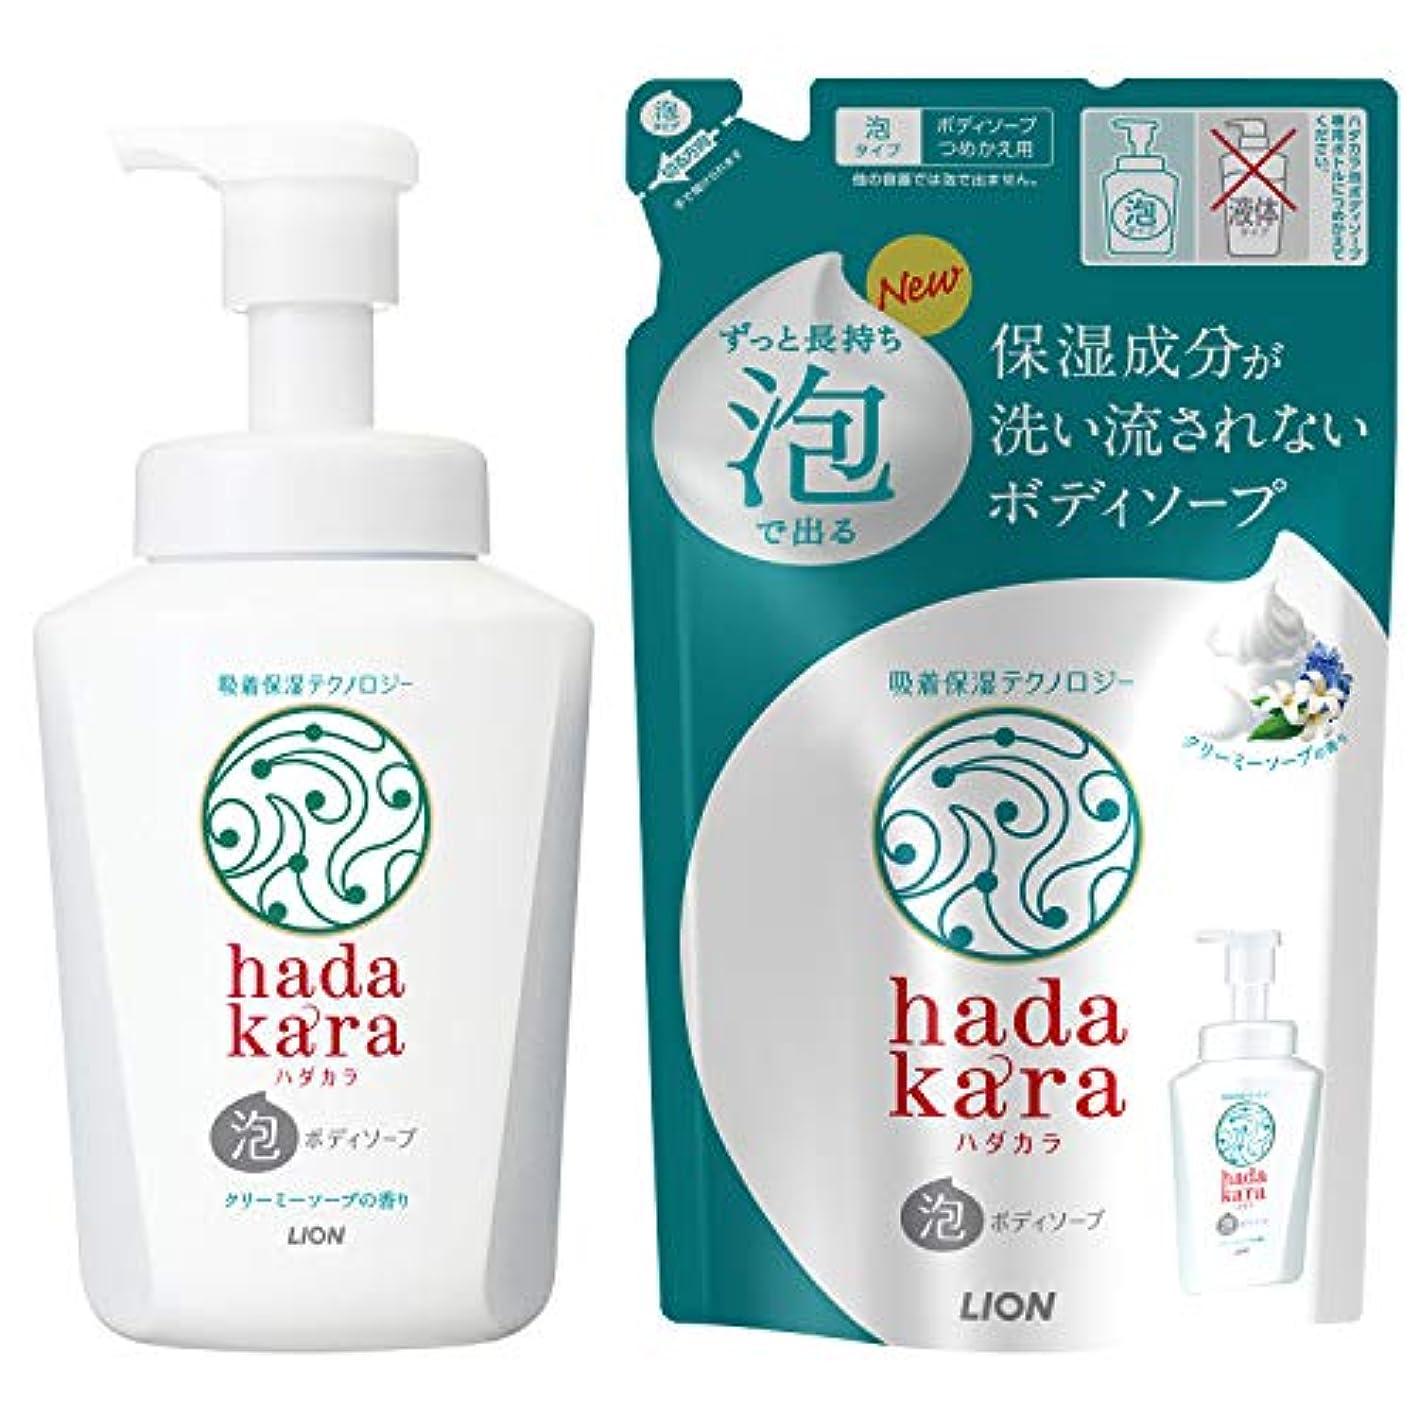 ビン早く鳥hadakara(ハダカラ) ボディソープ 泡タイプ クリーミーソープの香り 本体550ml+詰替440ml